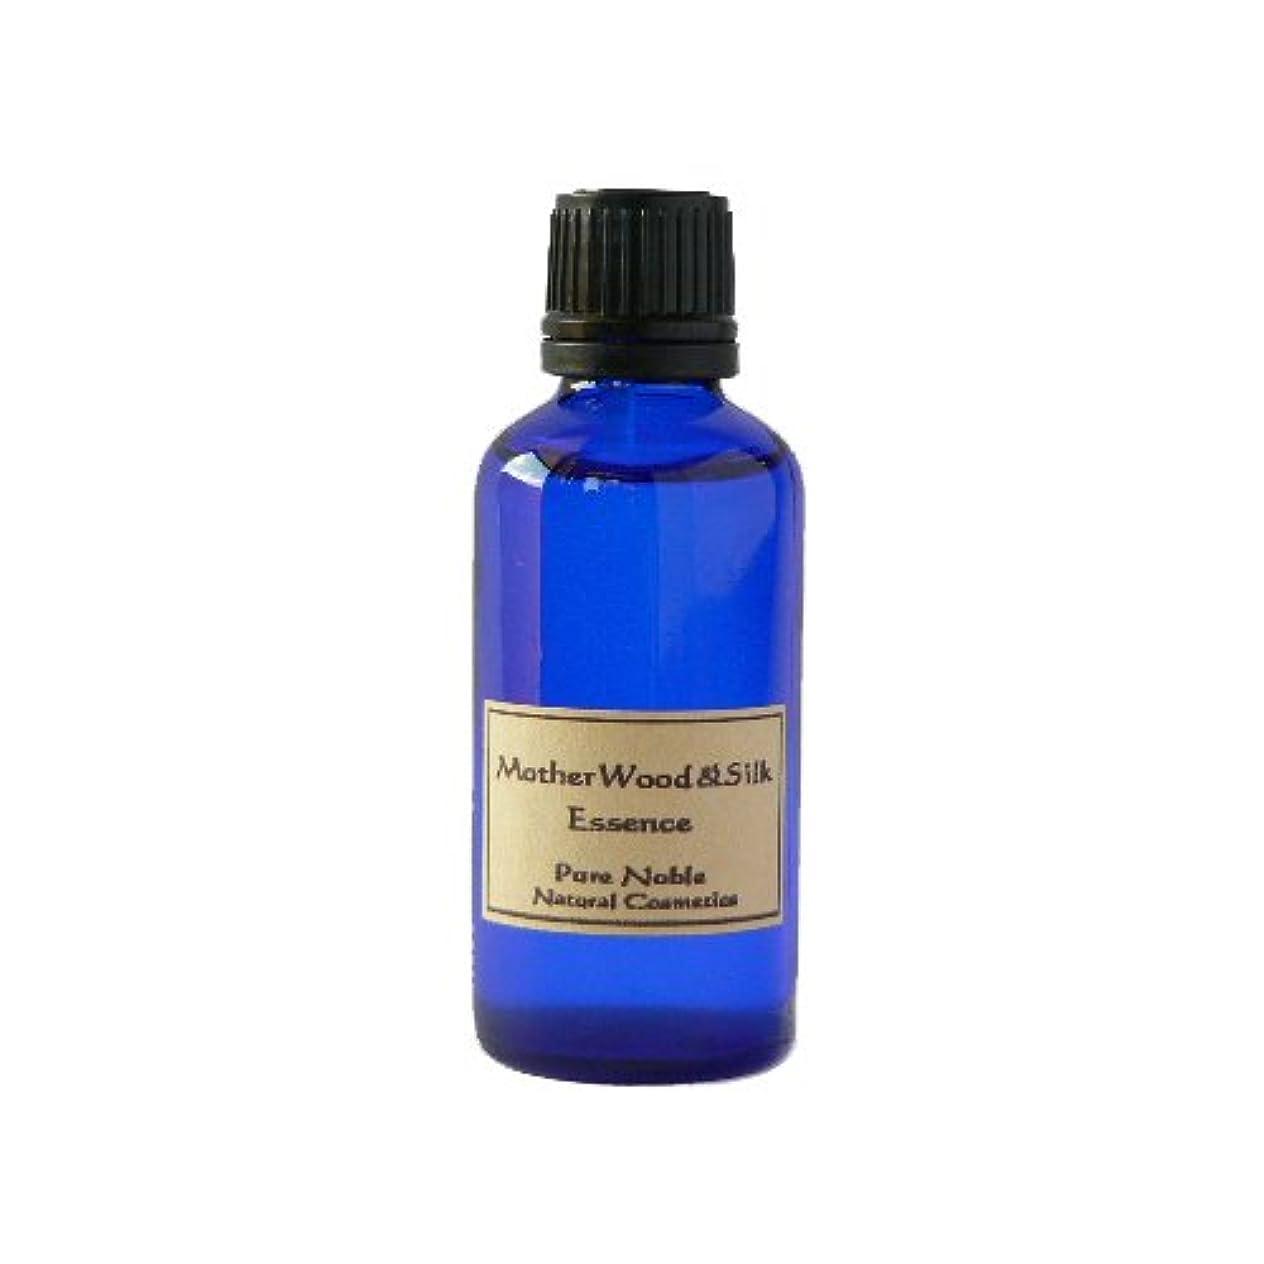 常にホットバット植物性コラーゲンたっぷり!白樺樹液と有機ハーブの無添加美容液 マザーウッド&シルクエッセンス 50ml